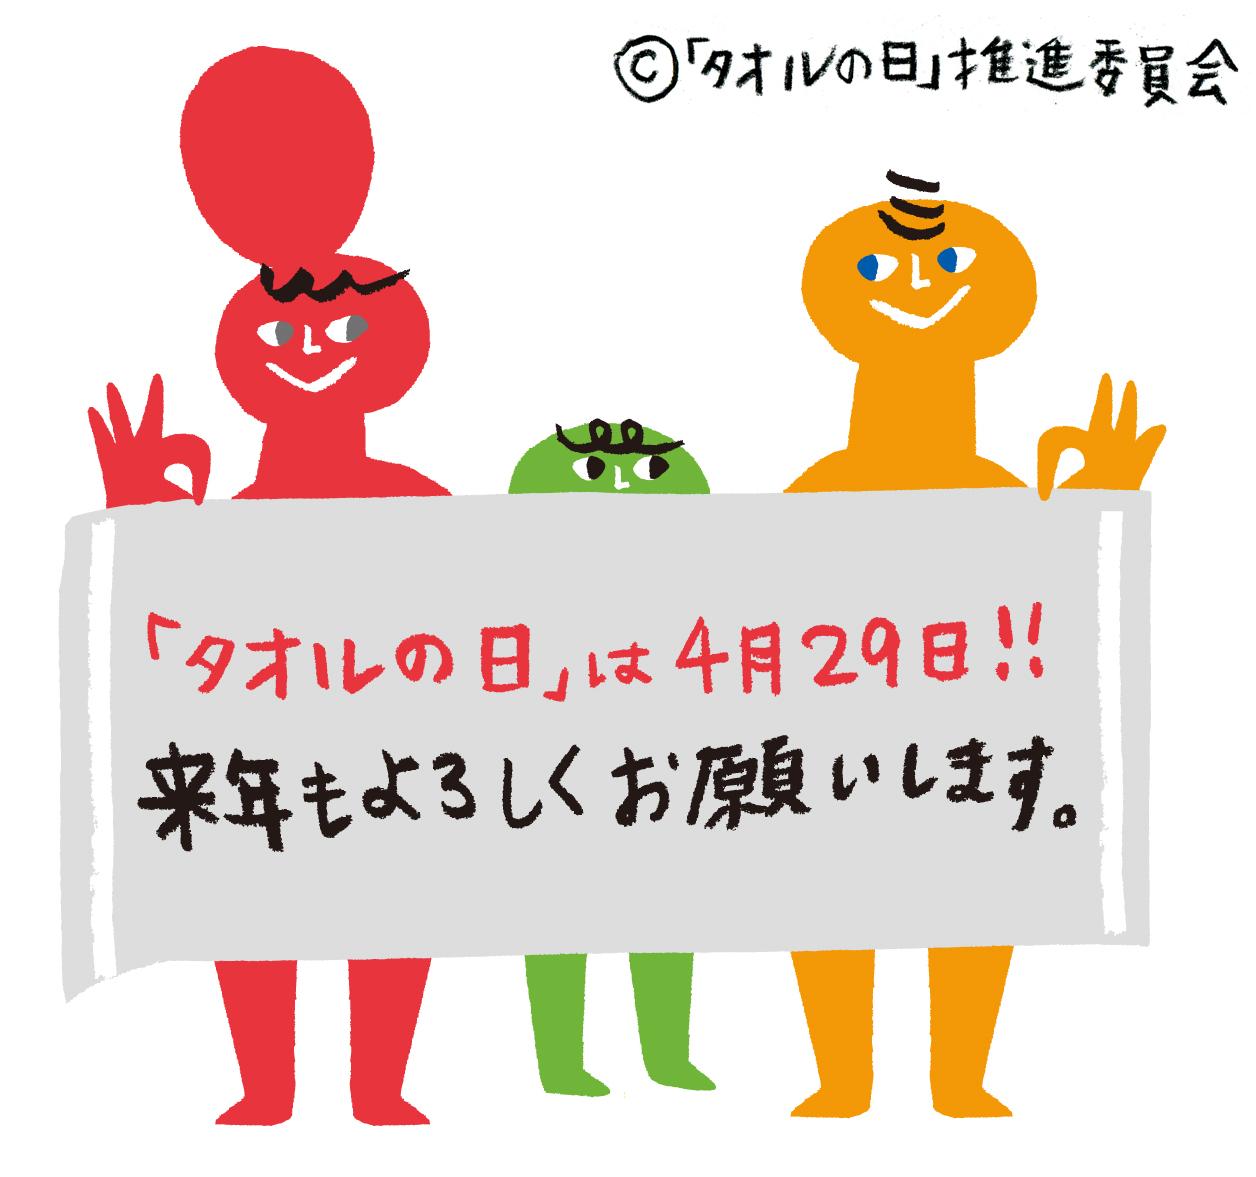 【タオルの気持ち⑦】来年もよろしく!